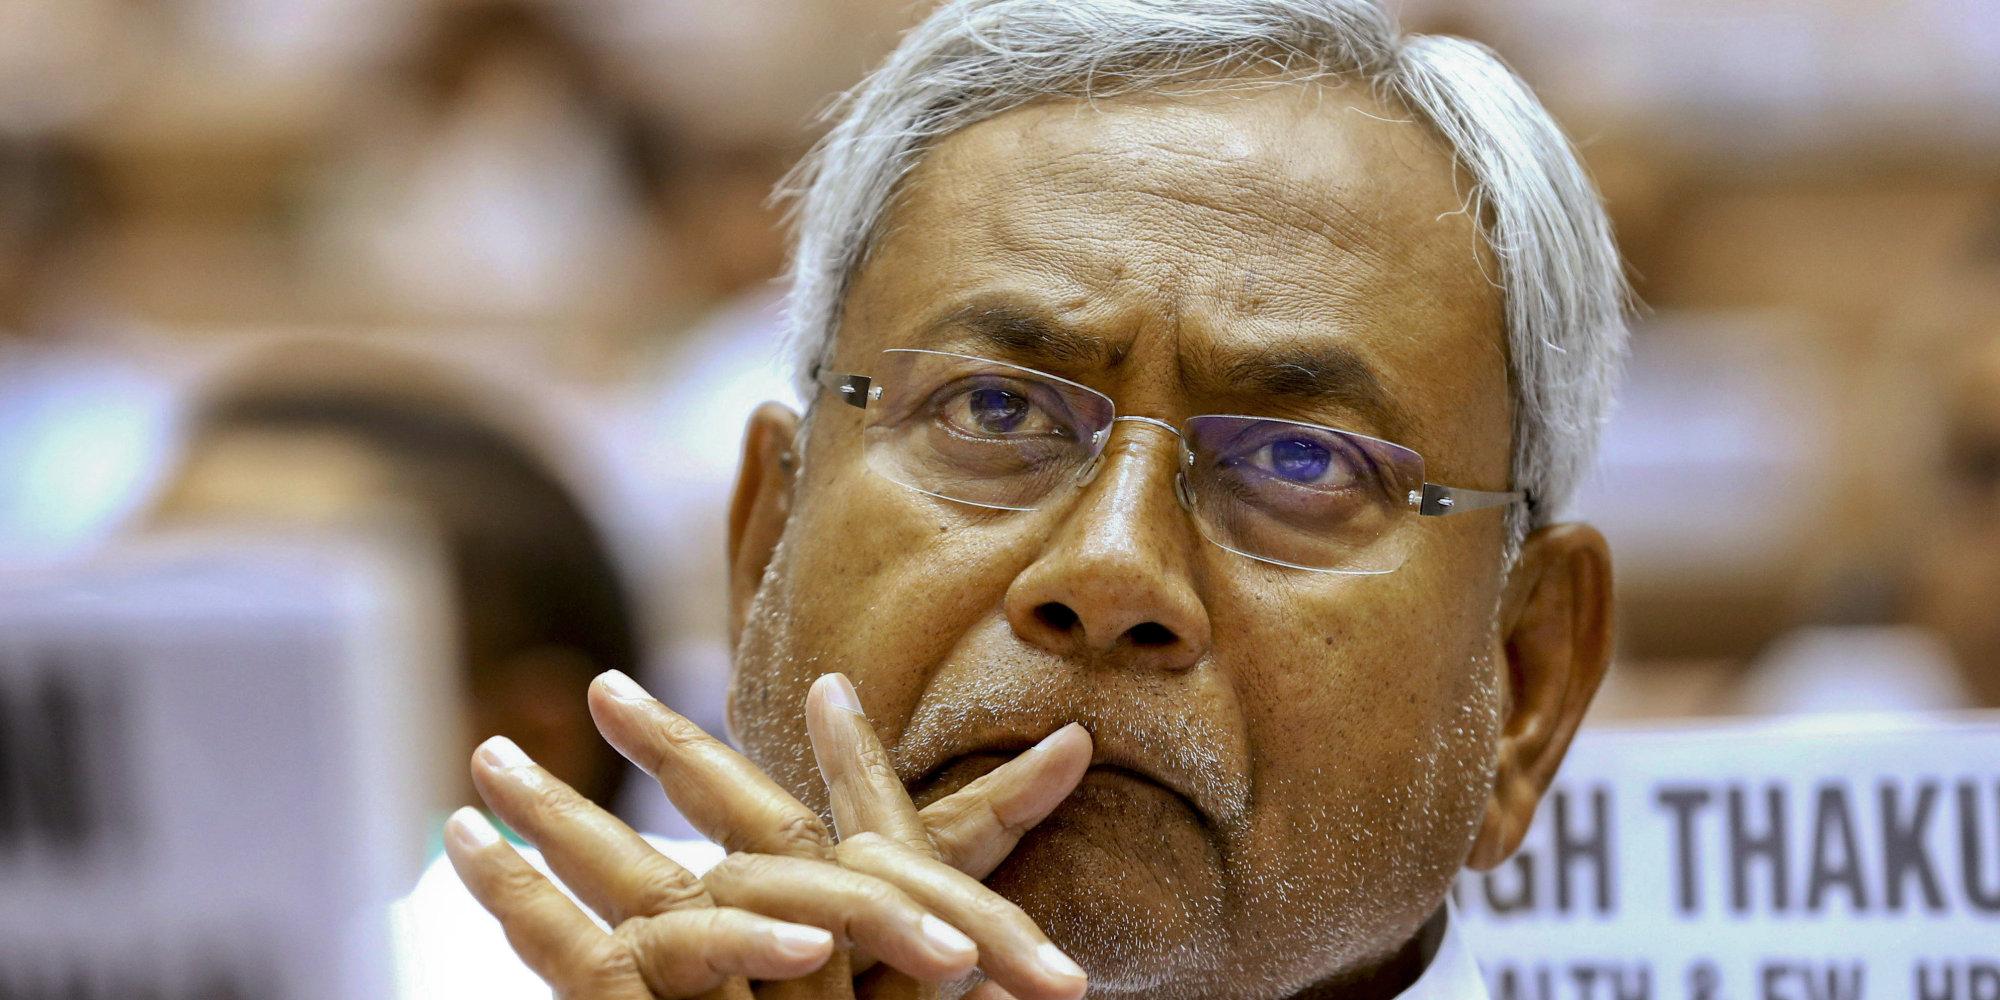 मोदी को नुकसान पहुंचाने के लिए UP में 4 काम कर रहे हैं नीतीश कुमार